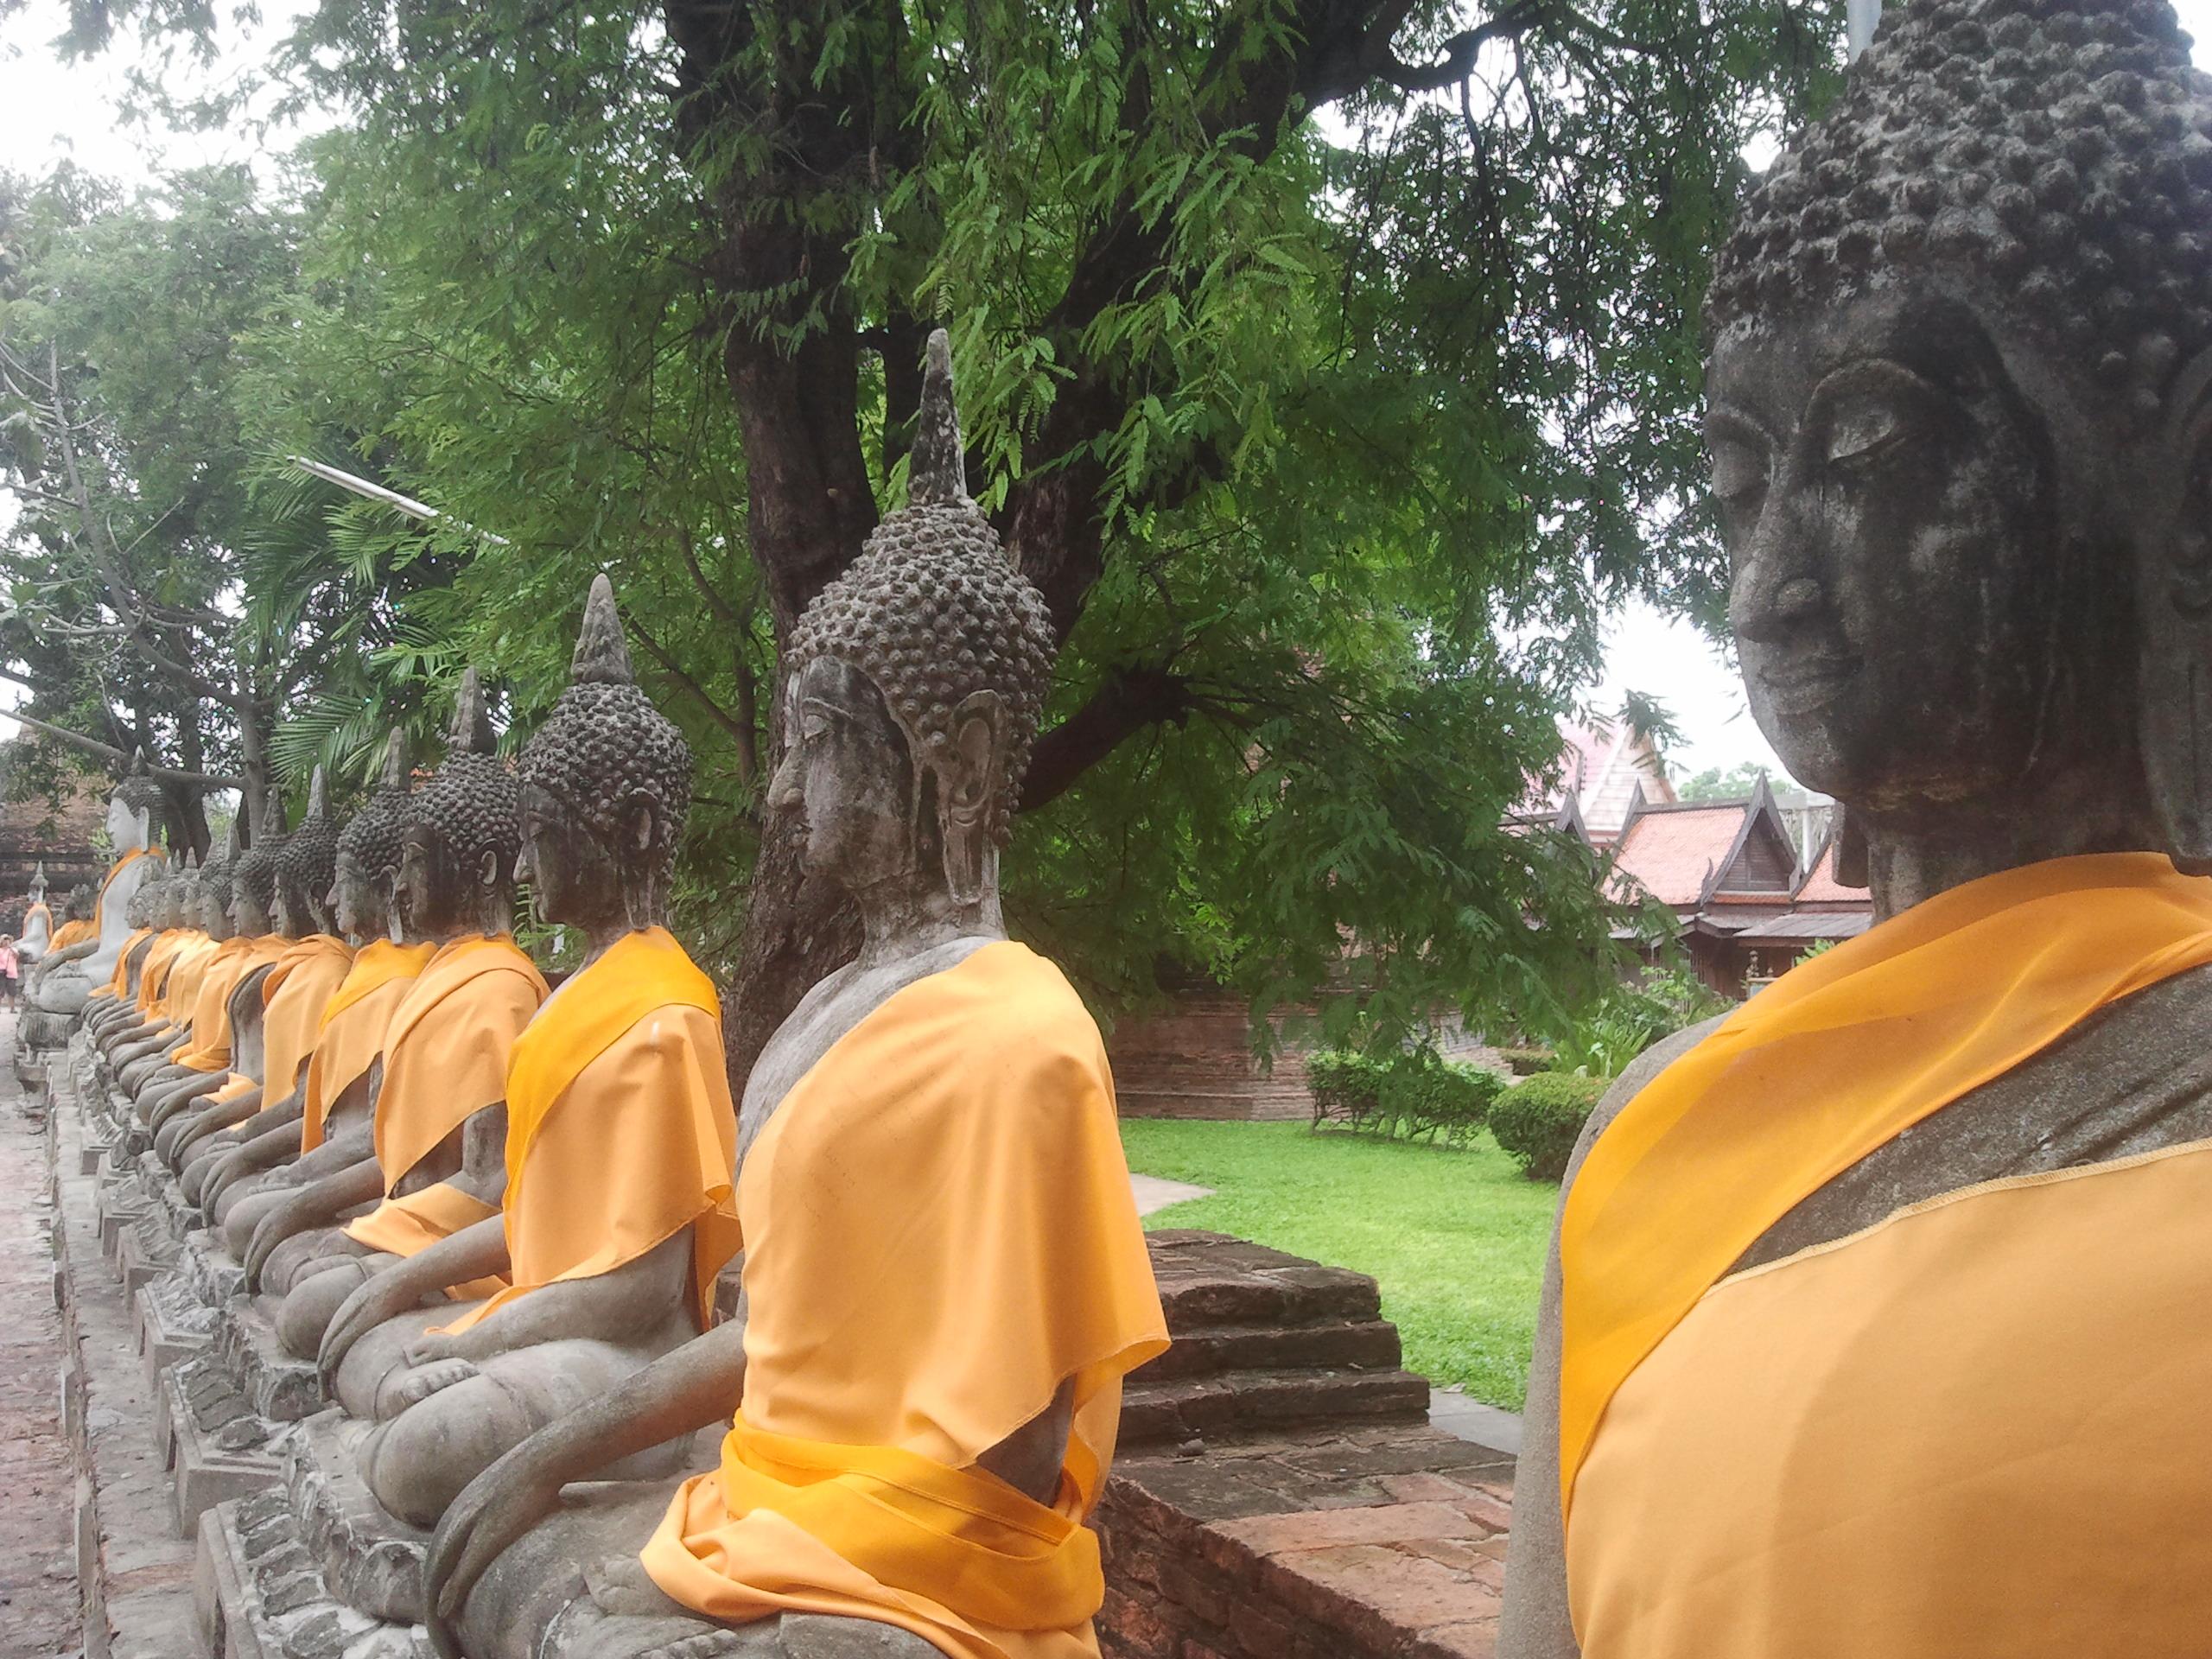 Thailandia, Atrévete, lanza tus sentidos y vive tu experiencia